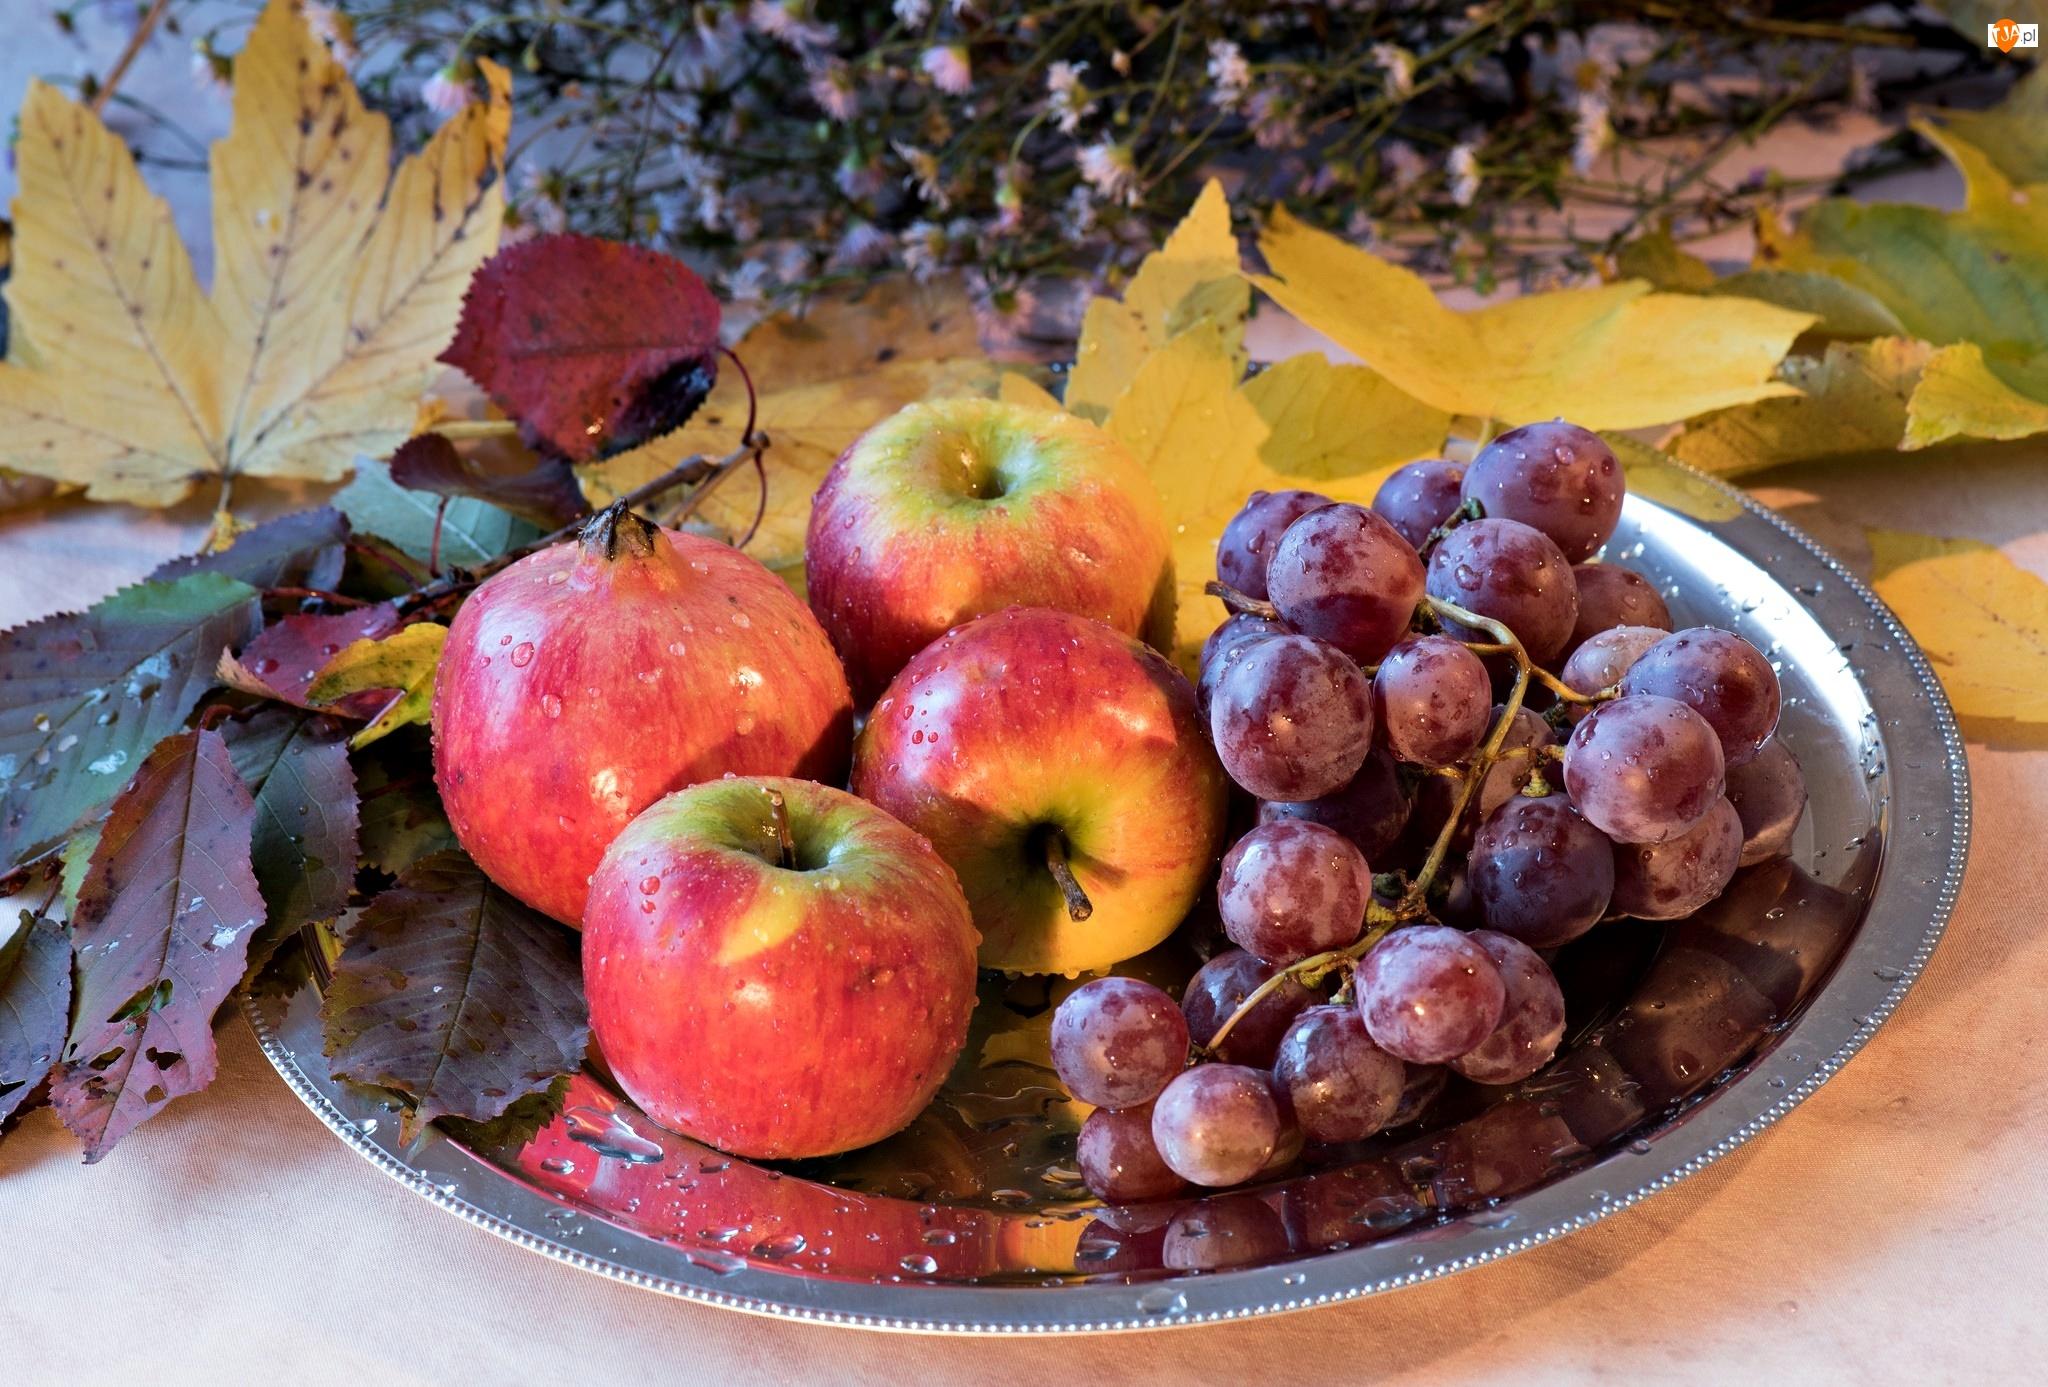 Jabłka, Winogrona, Liście, Kompozycja, Granat, Taca